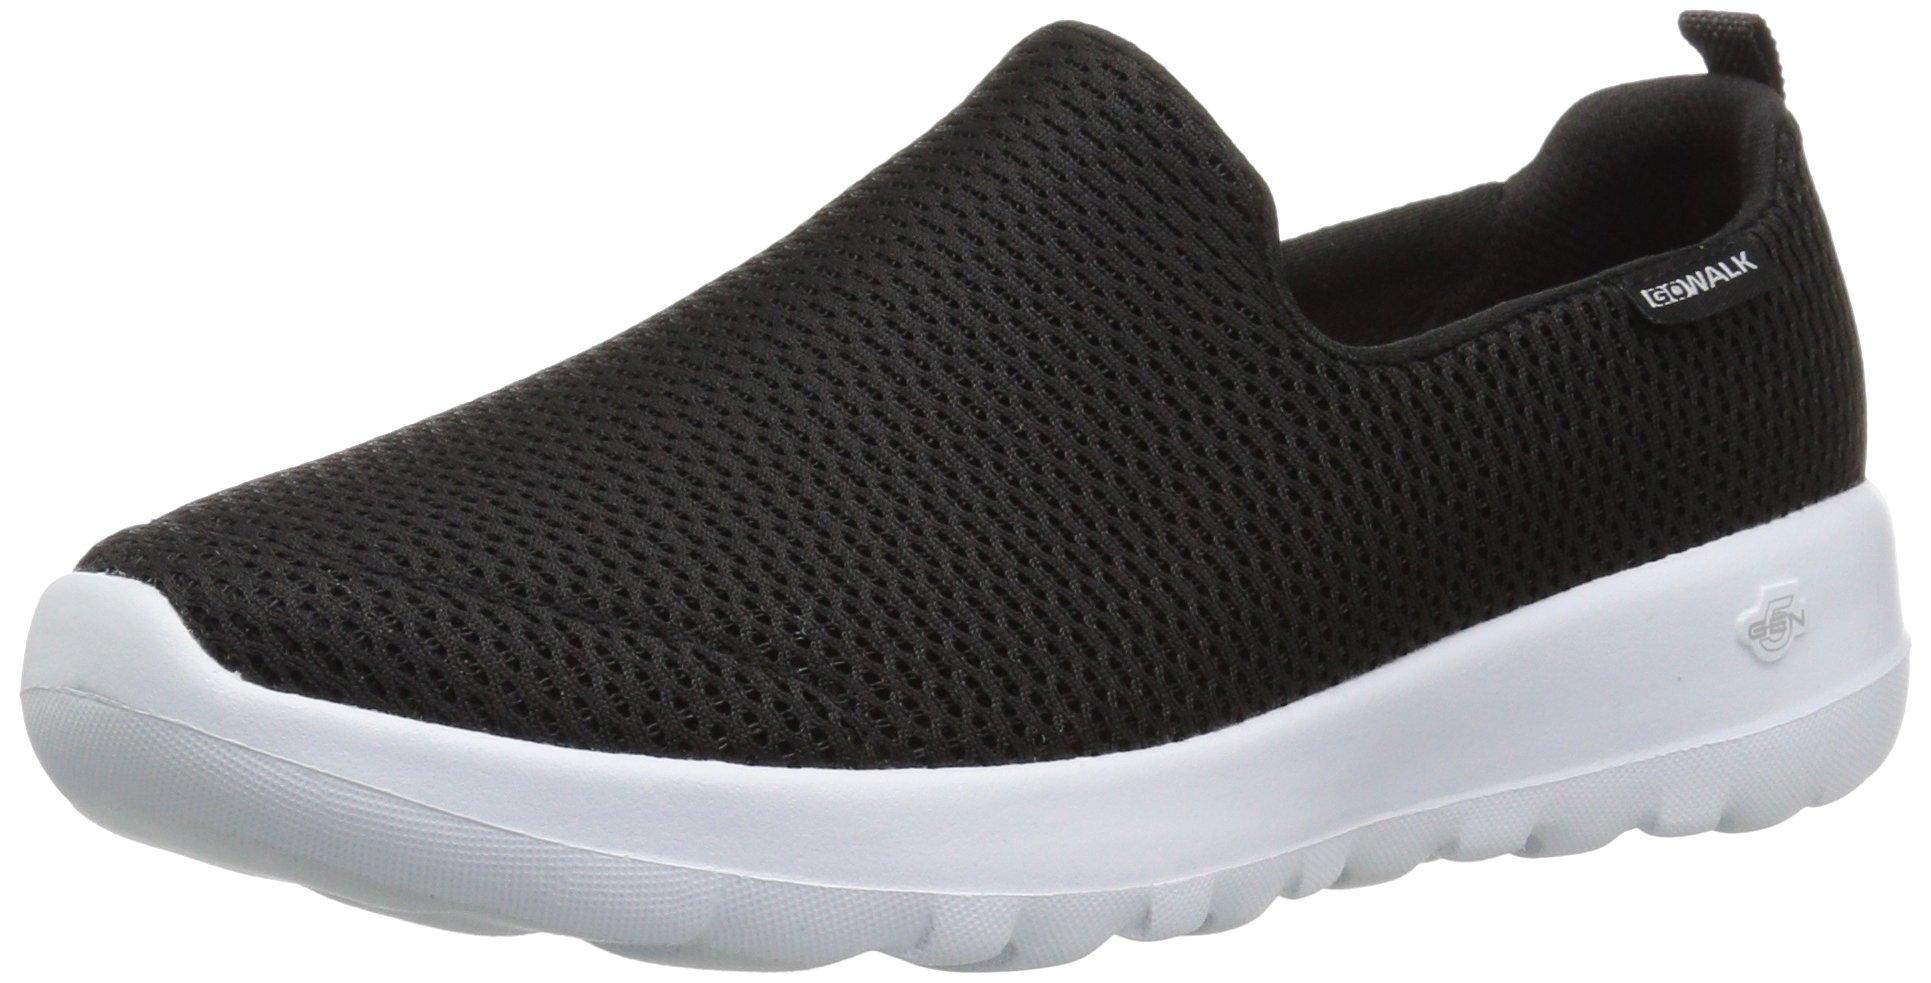 Skechers Performance Women's Go Walk Joy Walking Shoe,black/white,5 W US